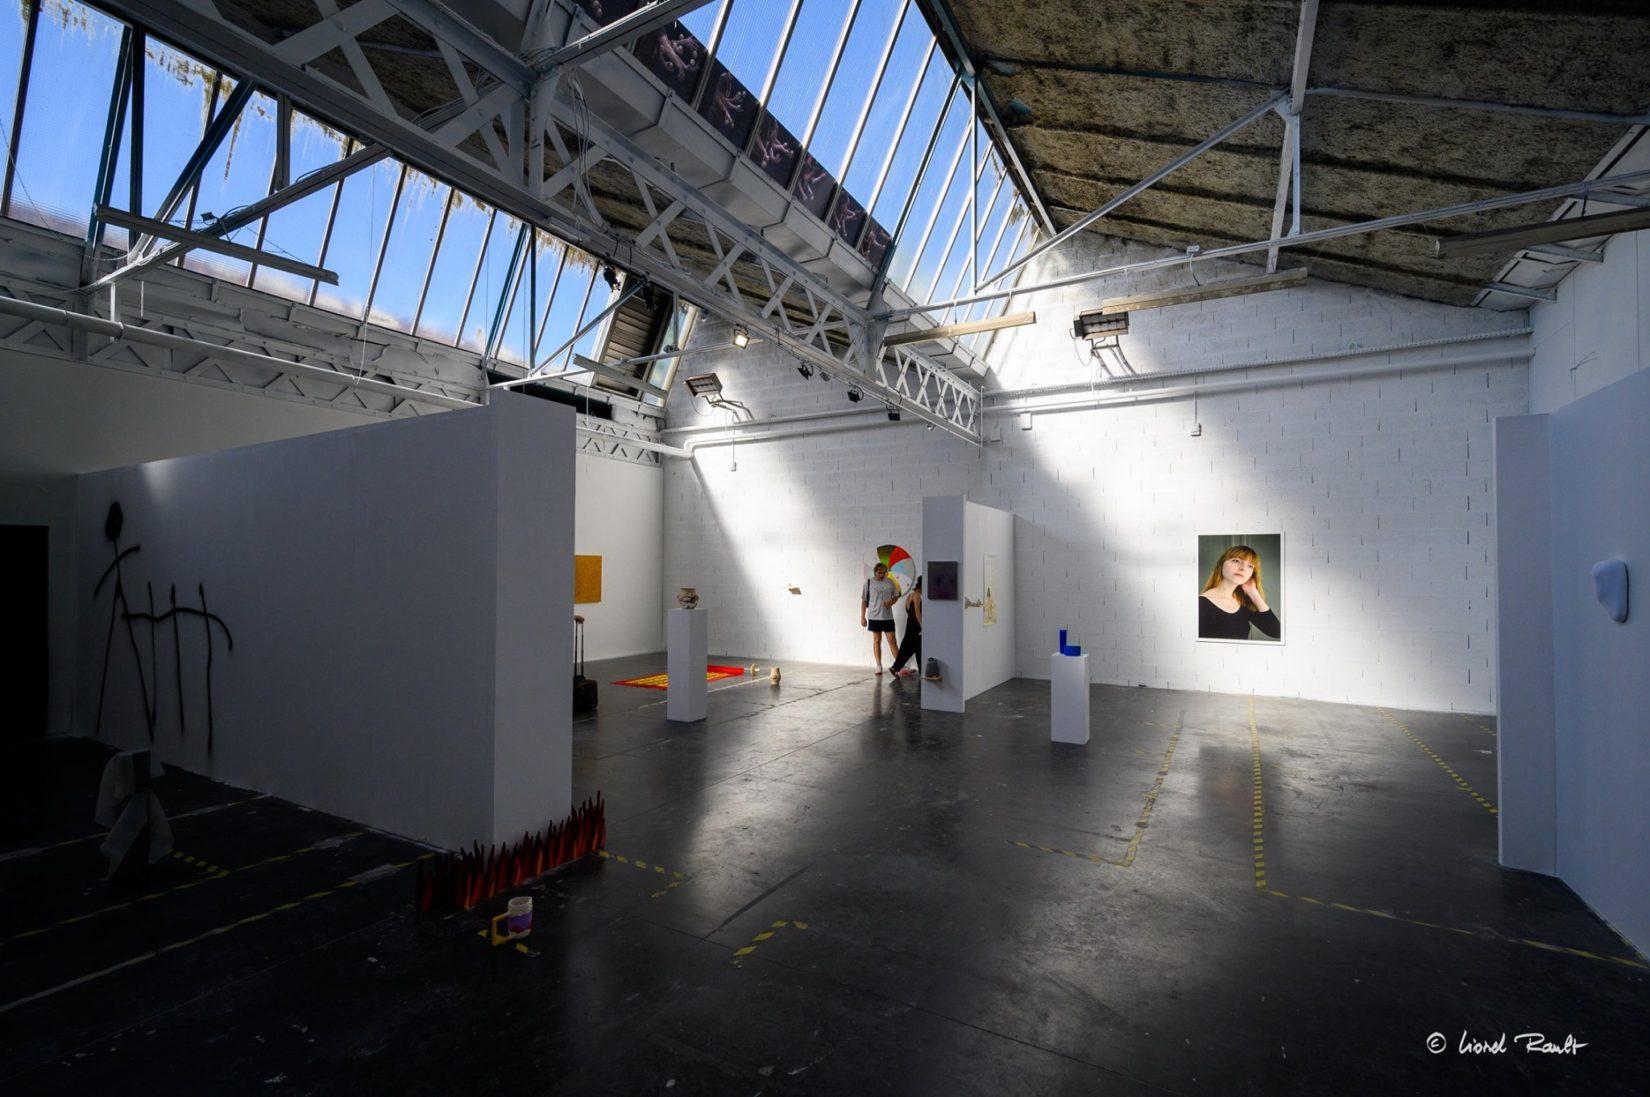 les halles du faubourg exposition